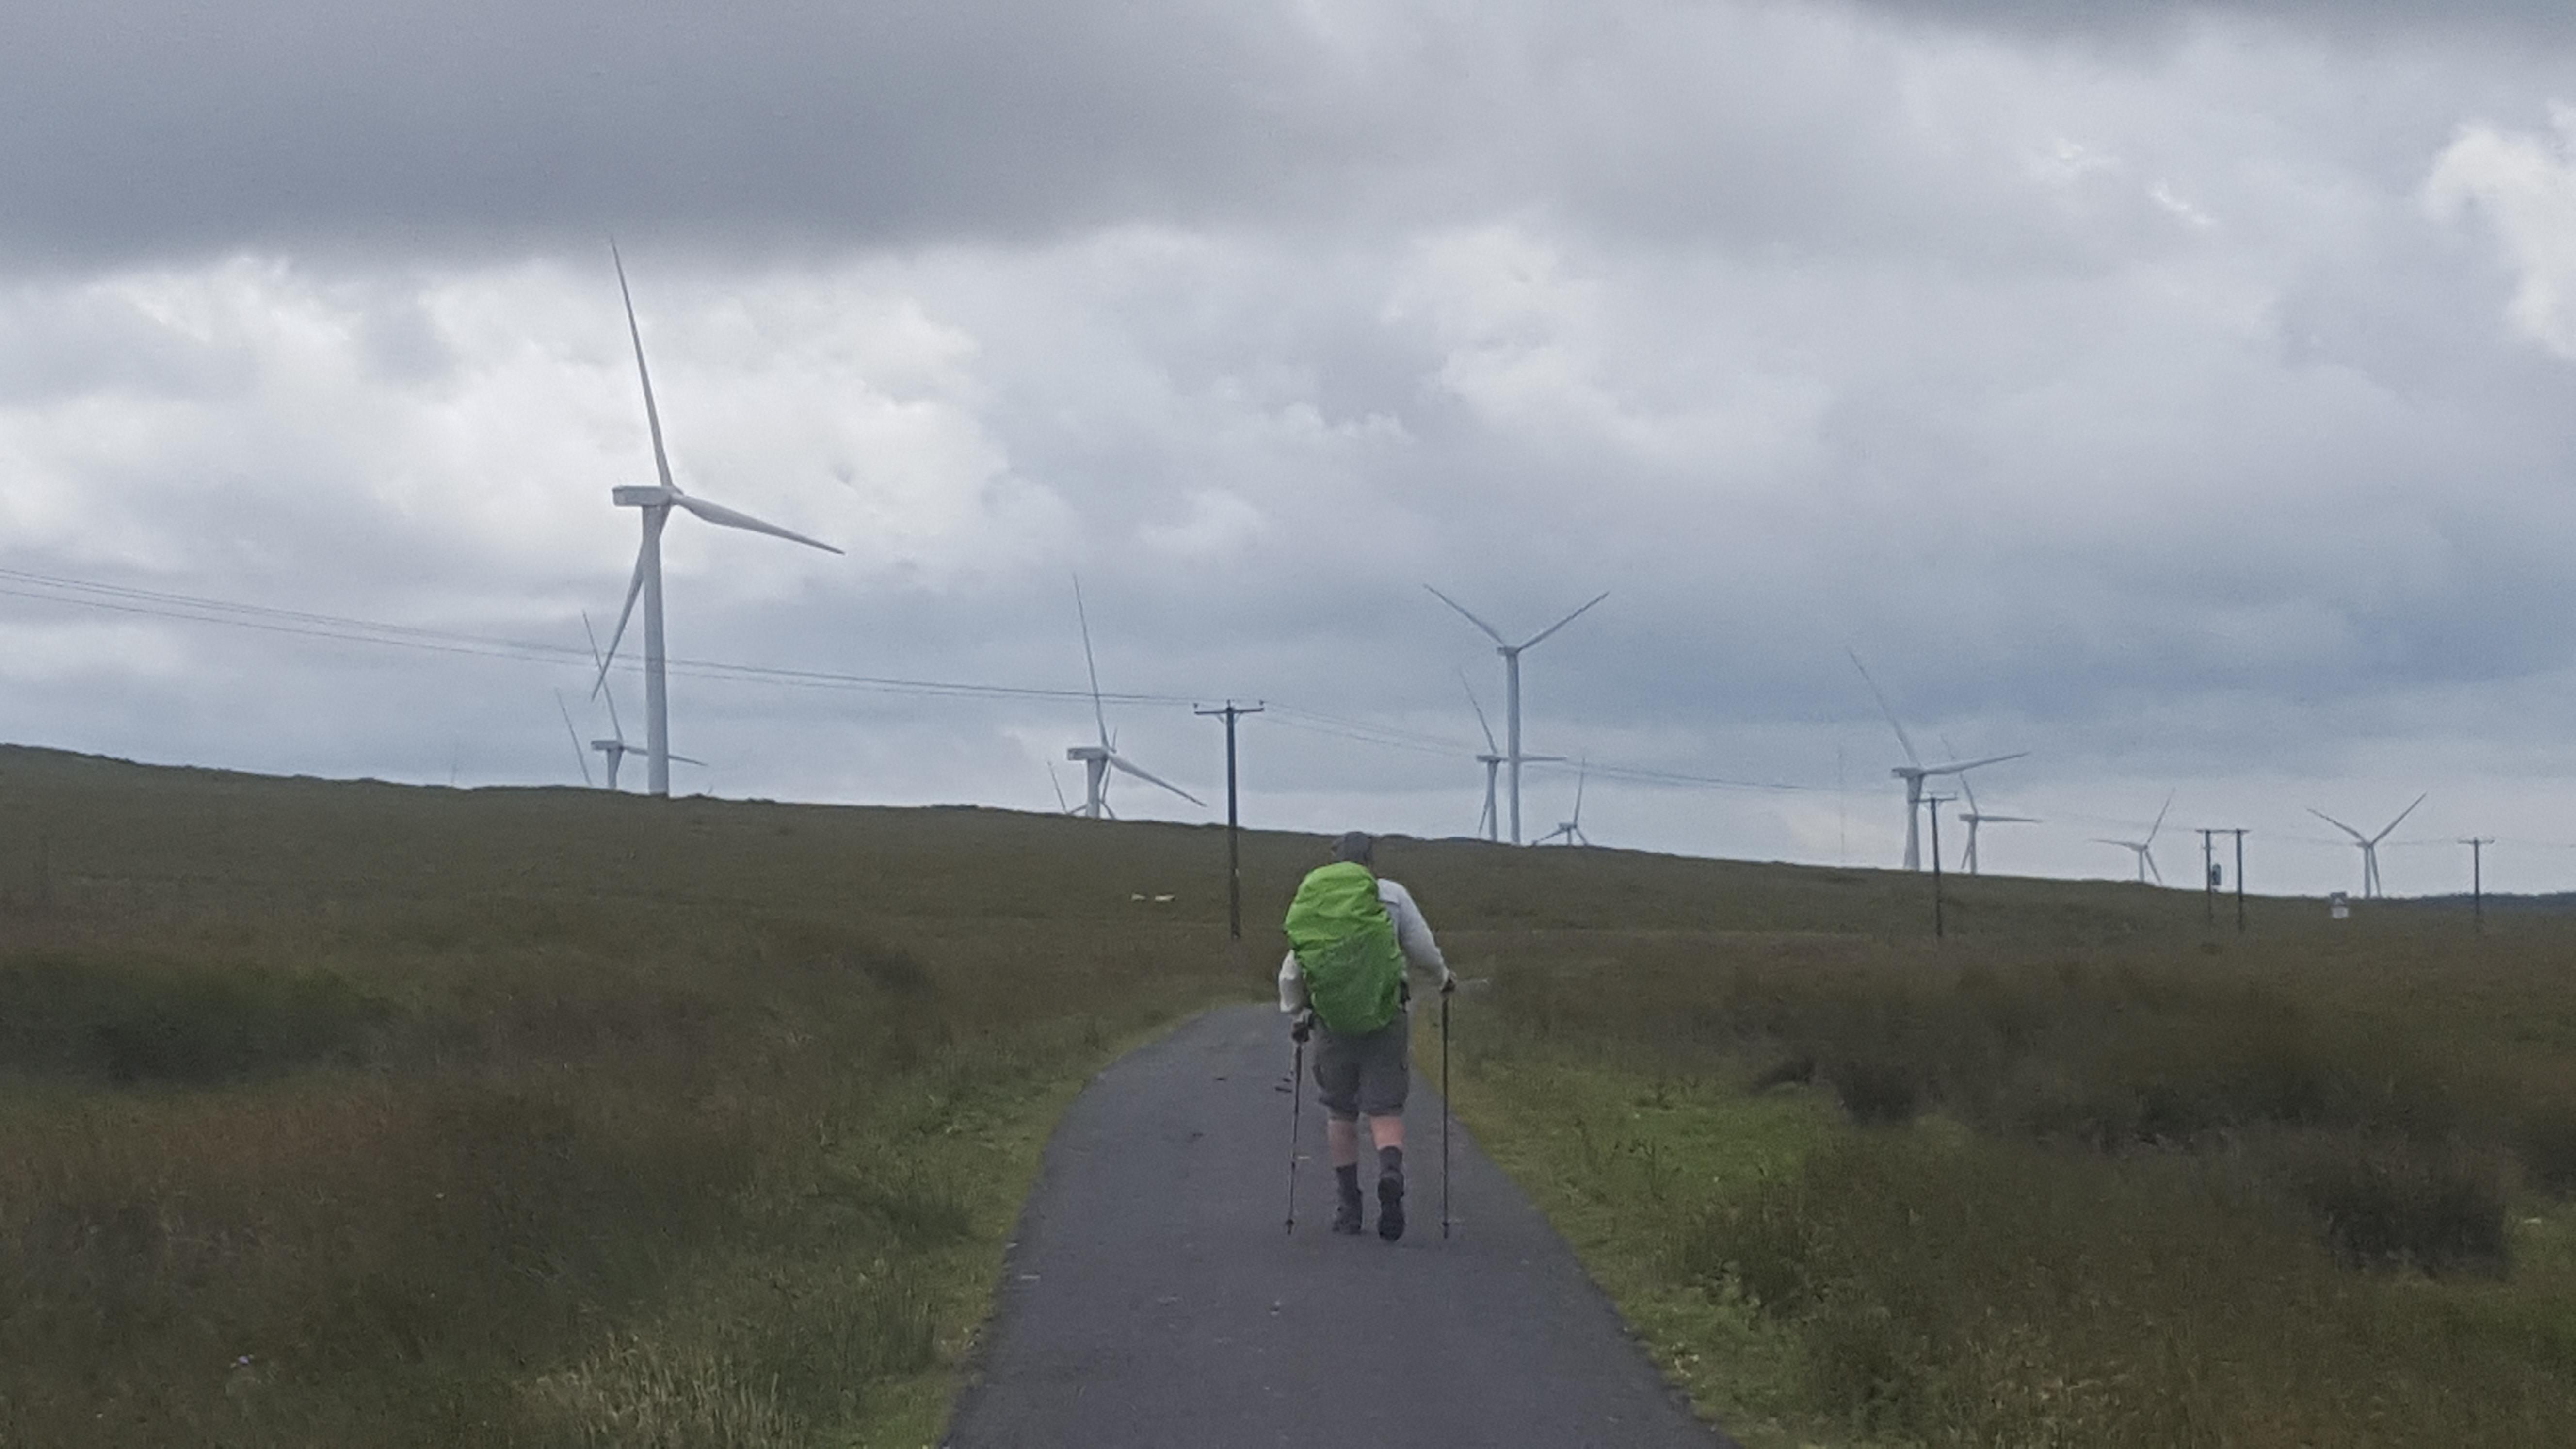 Ken walking toward windfarm